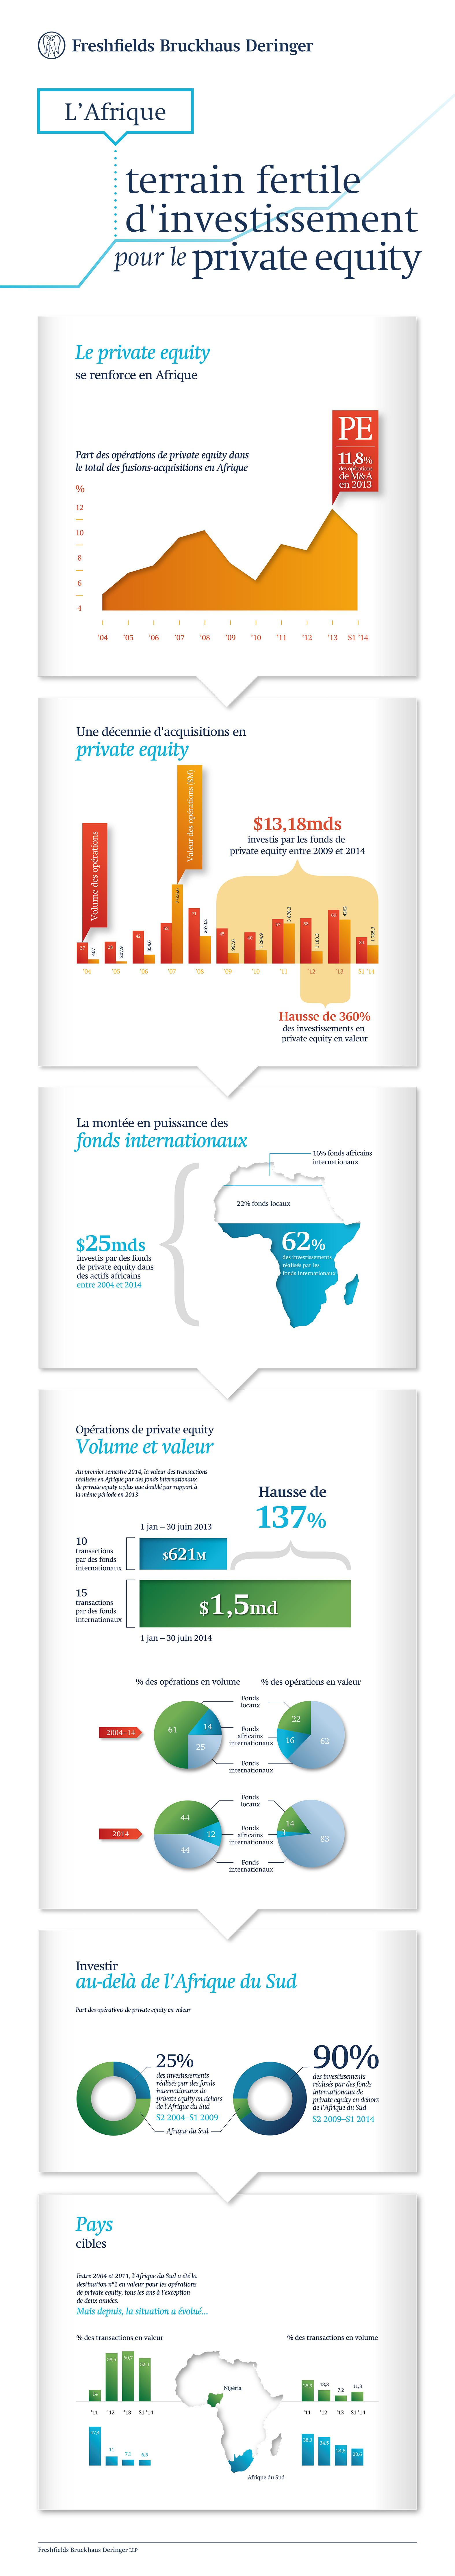 L'Afrique, terrain fertile d'investissement pour les acteurs internationaux du private equity (infographie)